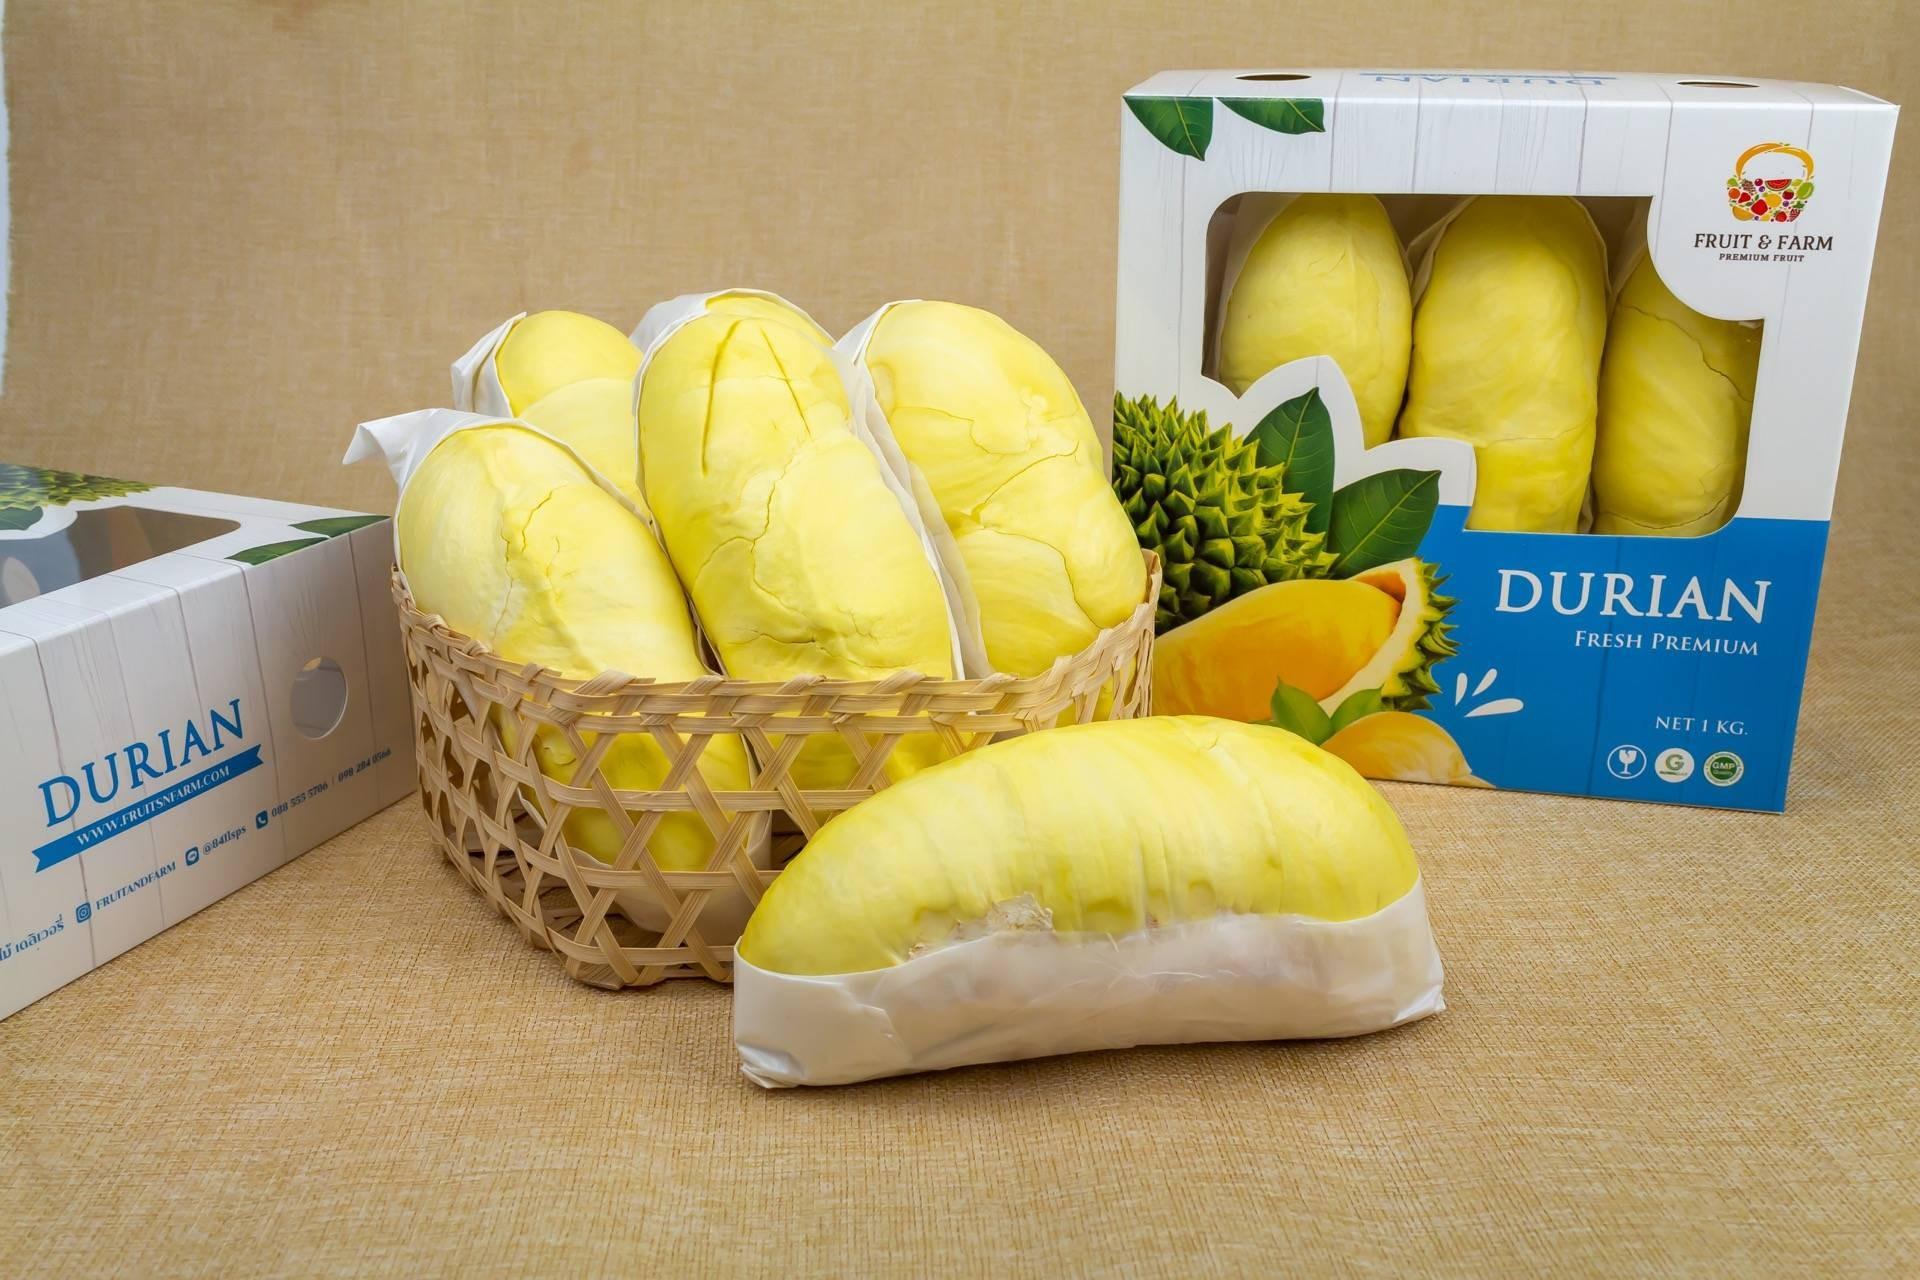 Fruit & Farm - ผลไม้เดลิเวอรี่